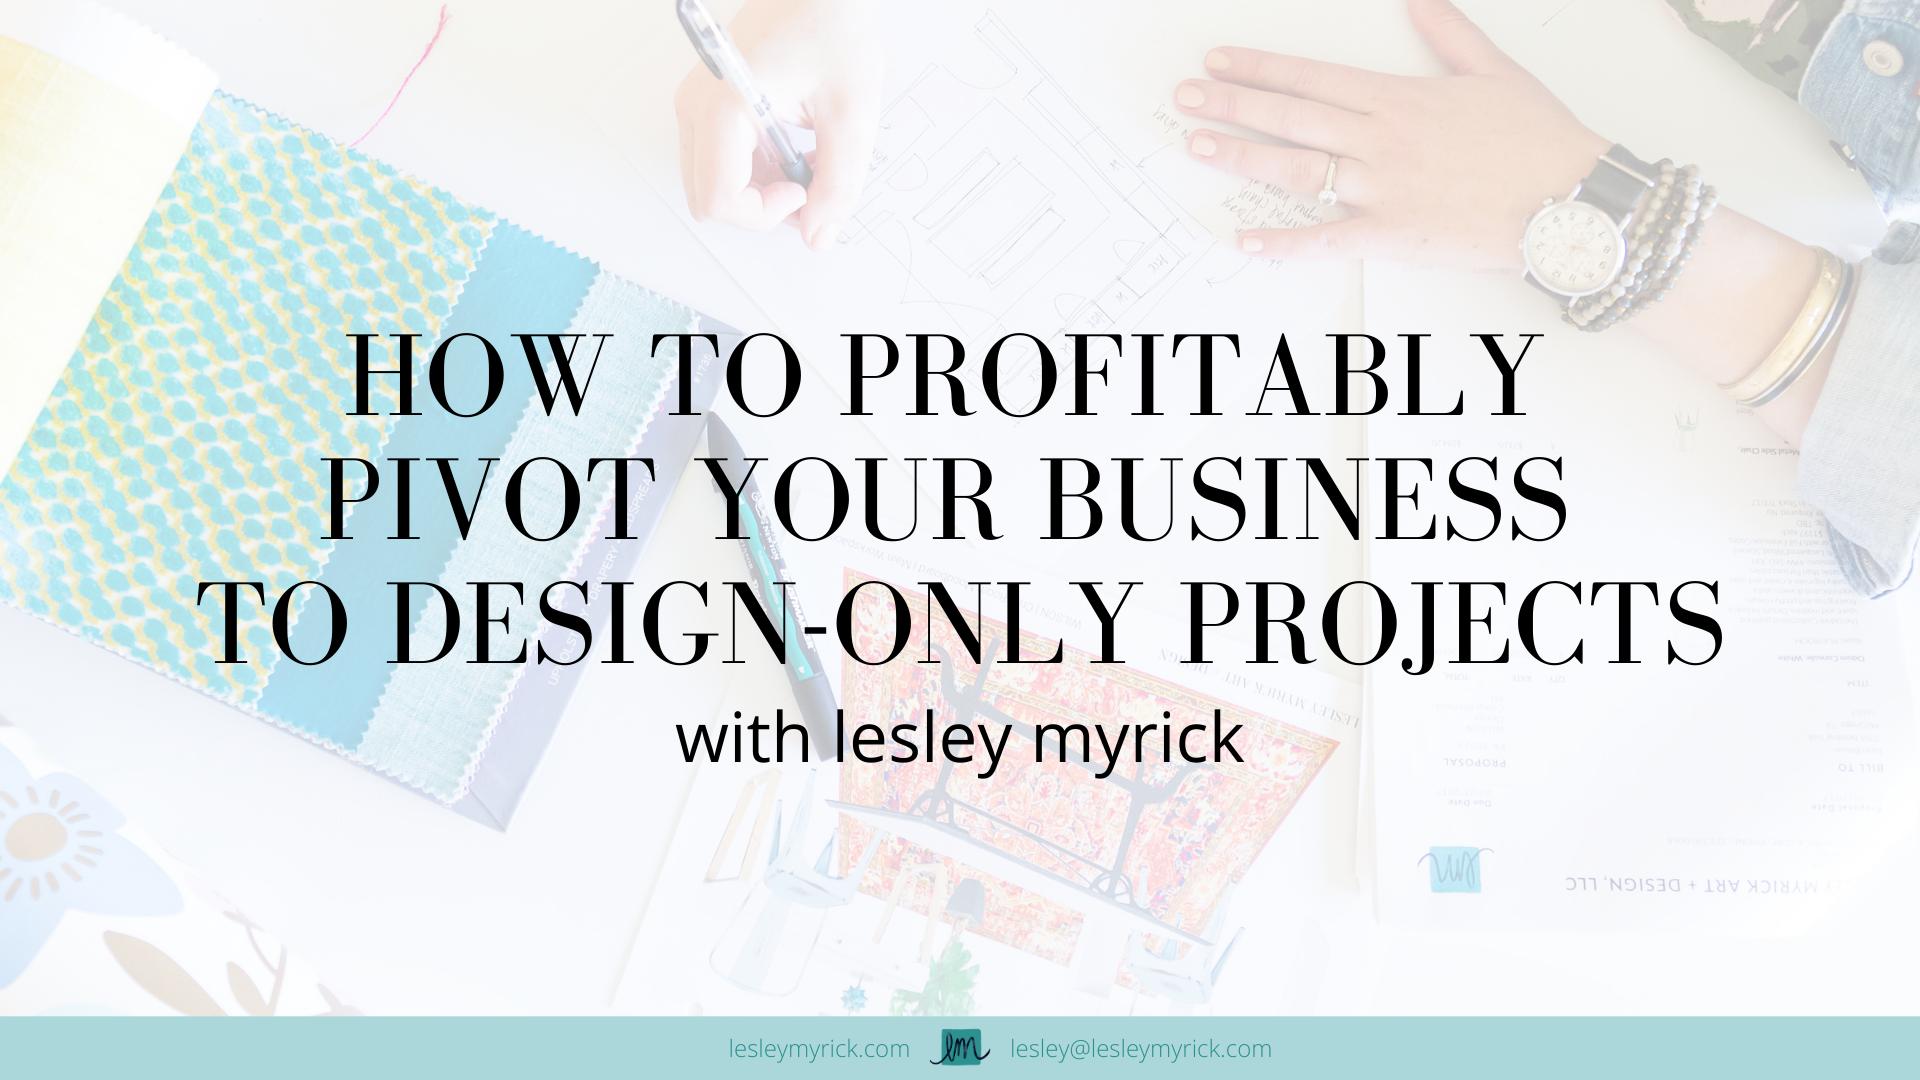 profitably-pivot-to-design-only-projects-lesley-myrick